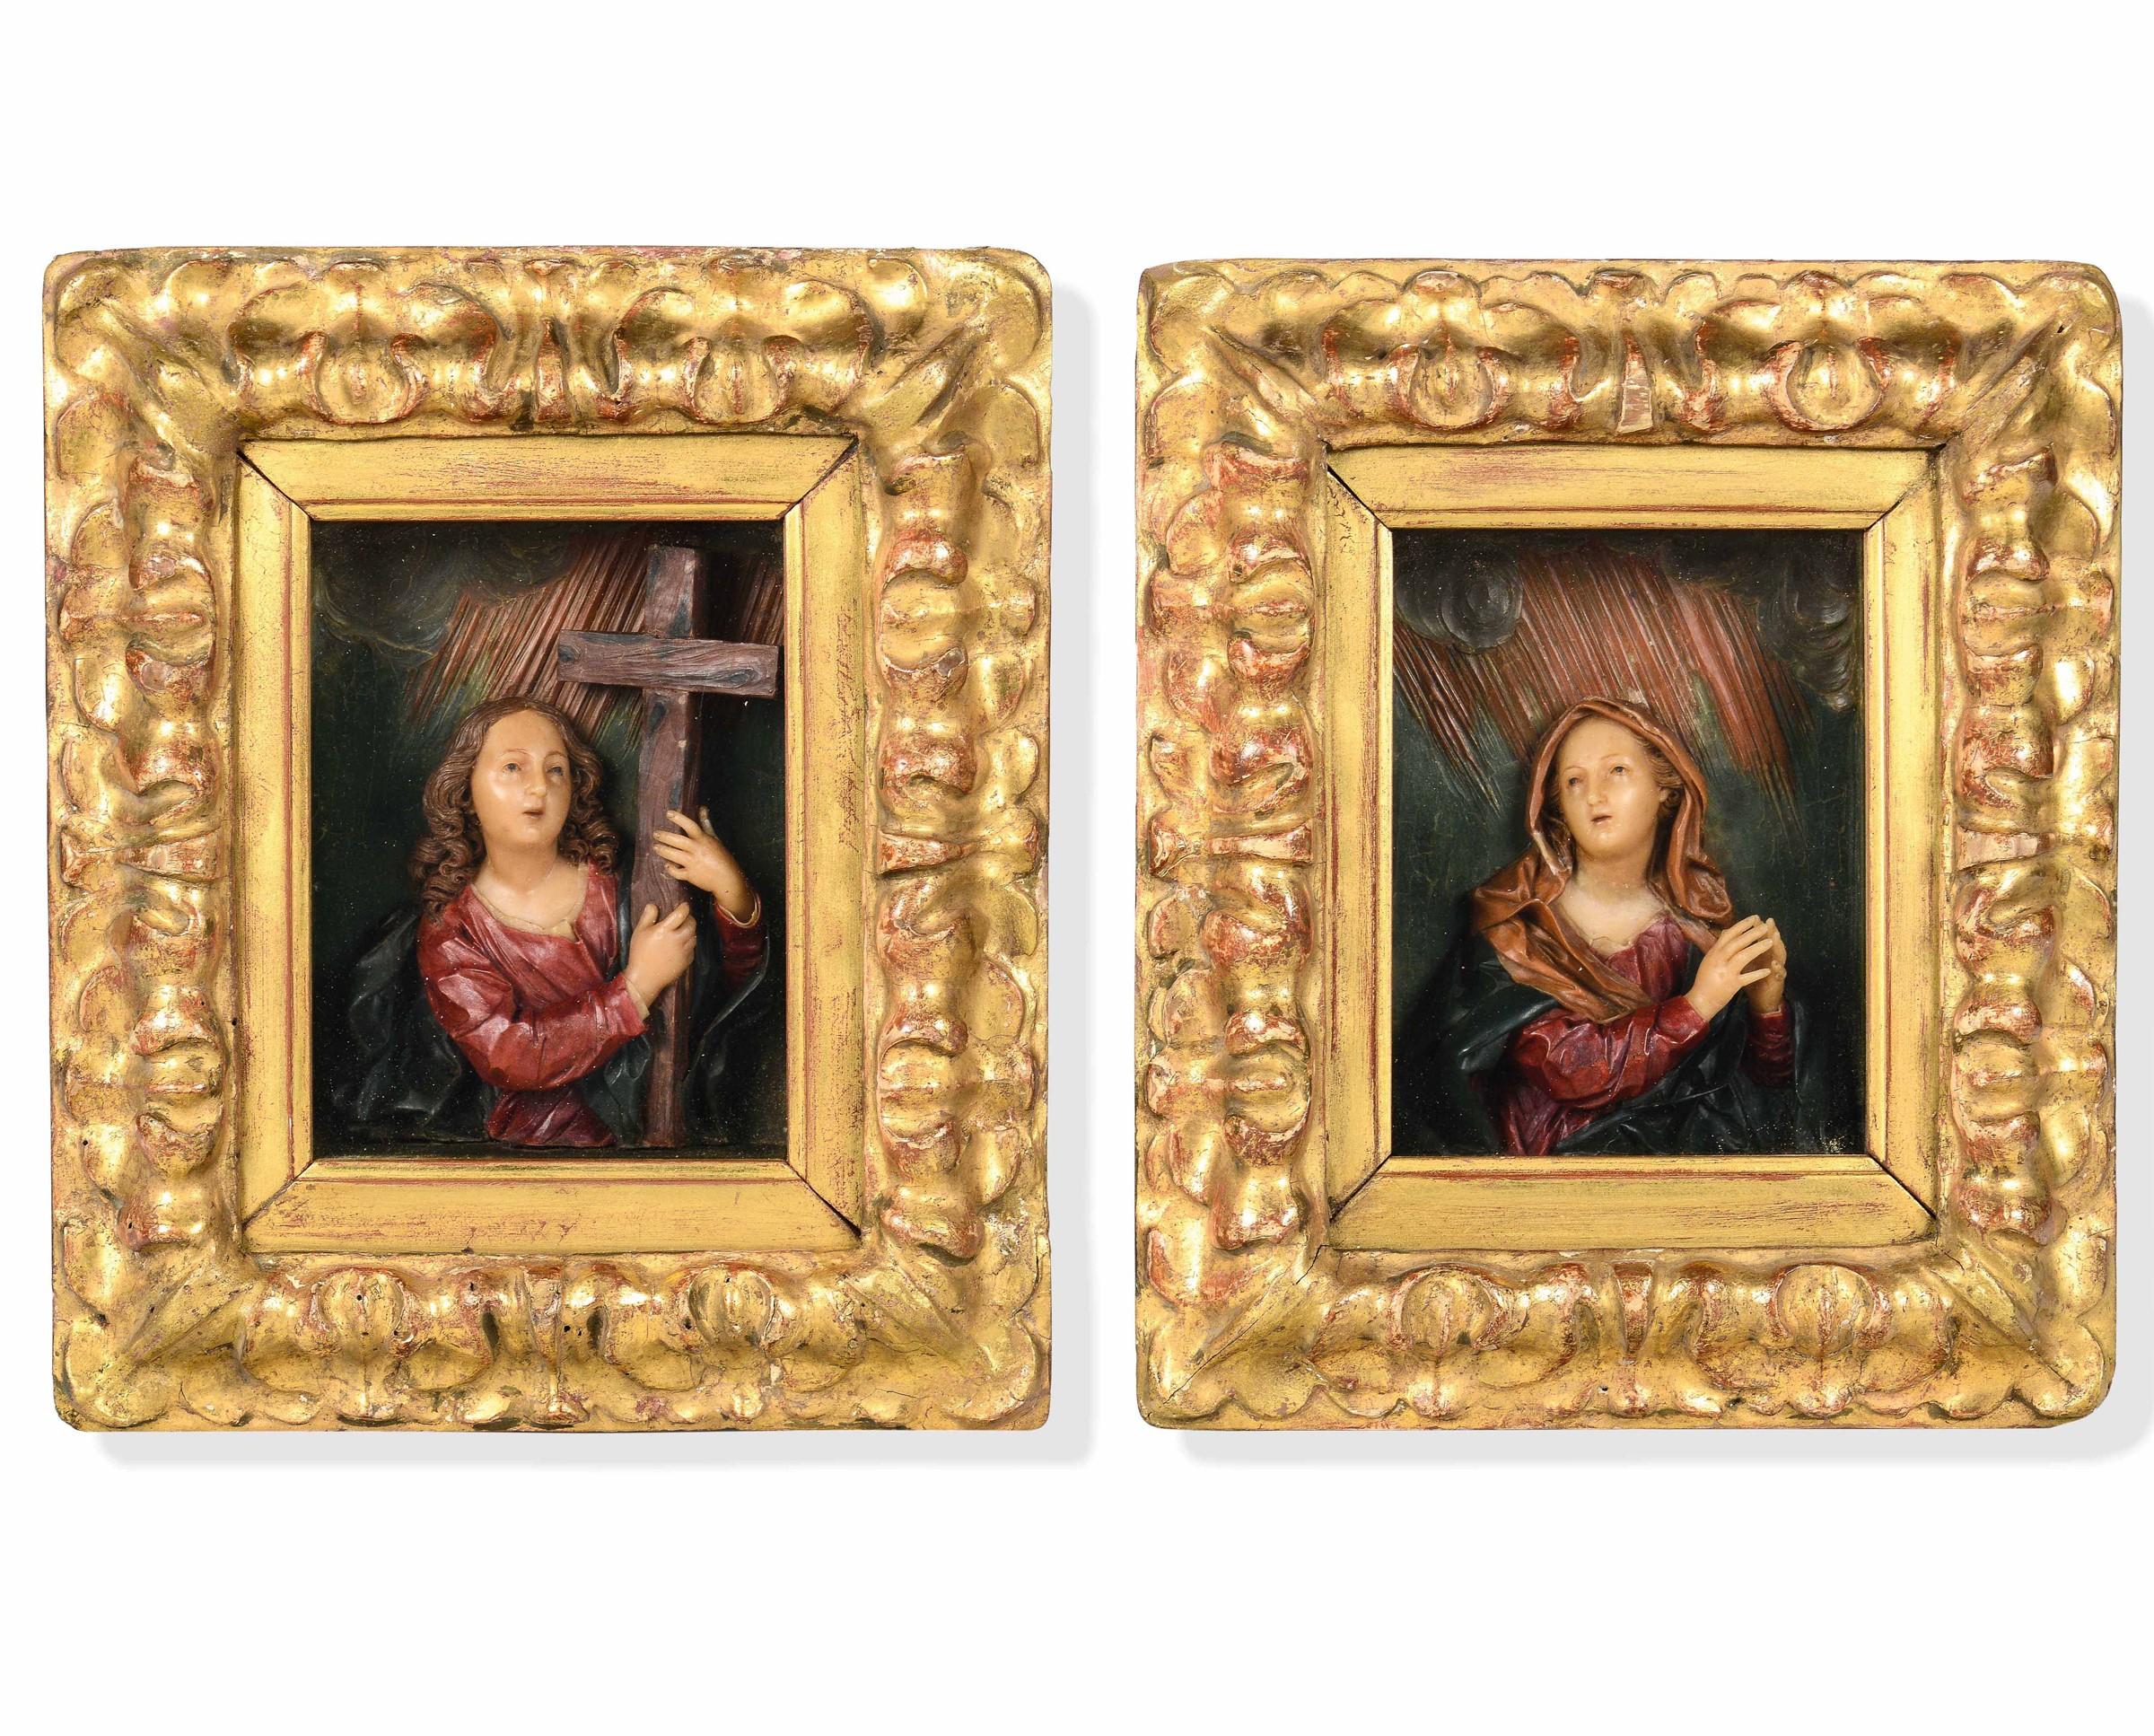 Two waxes attr. F. Scandellari,Italy, 1700s - Le due figure, sono raffigurate a mezzo [...]